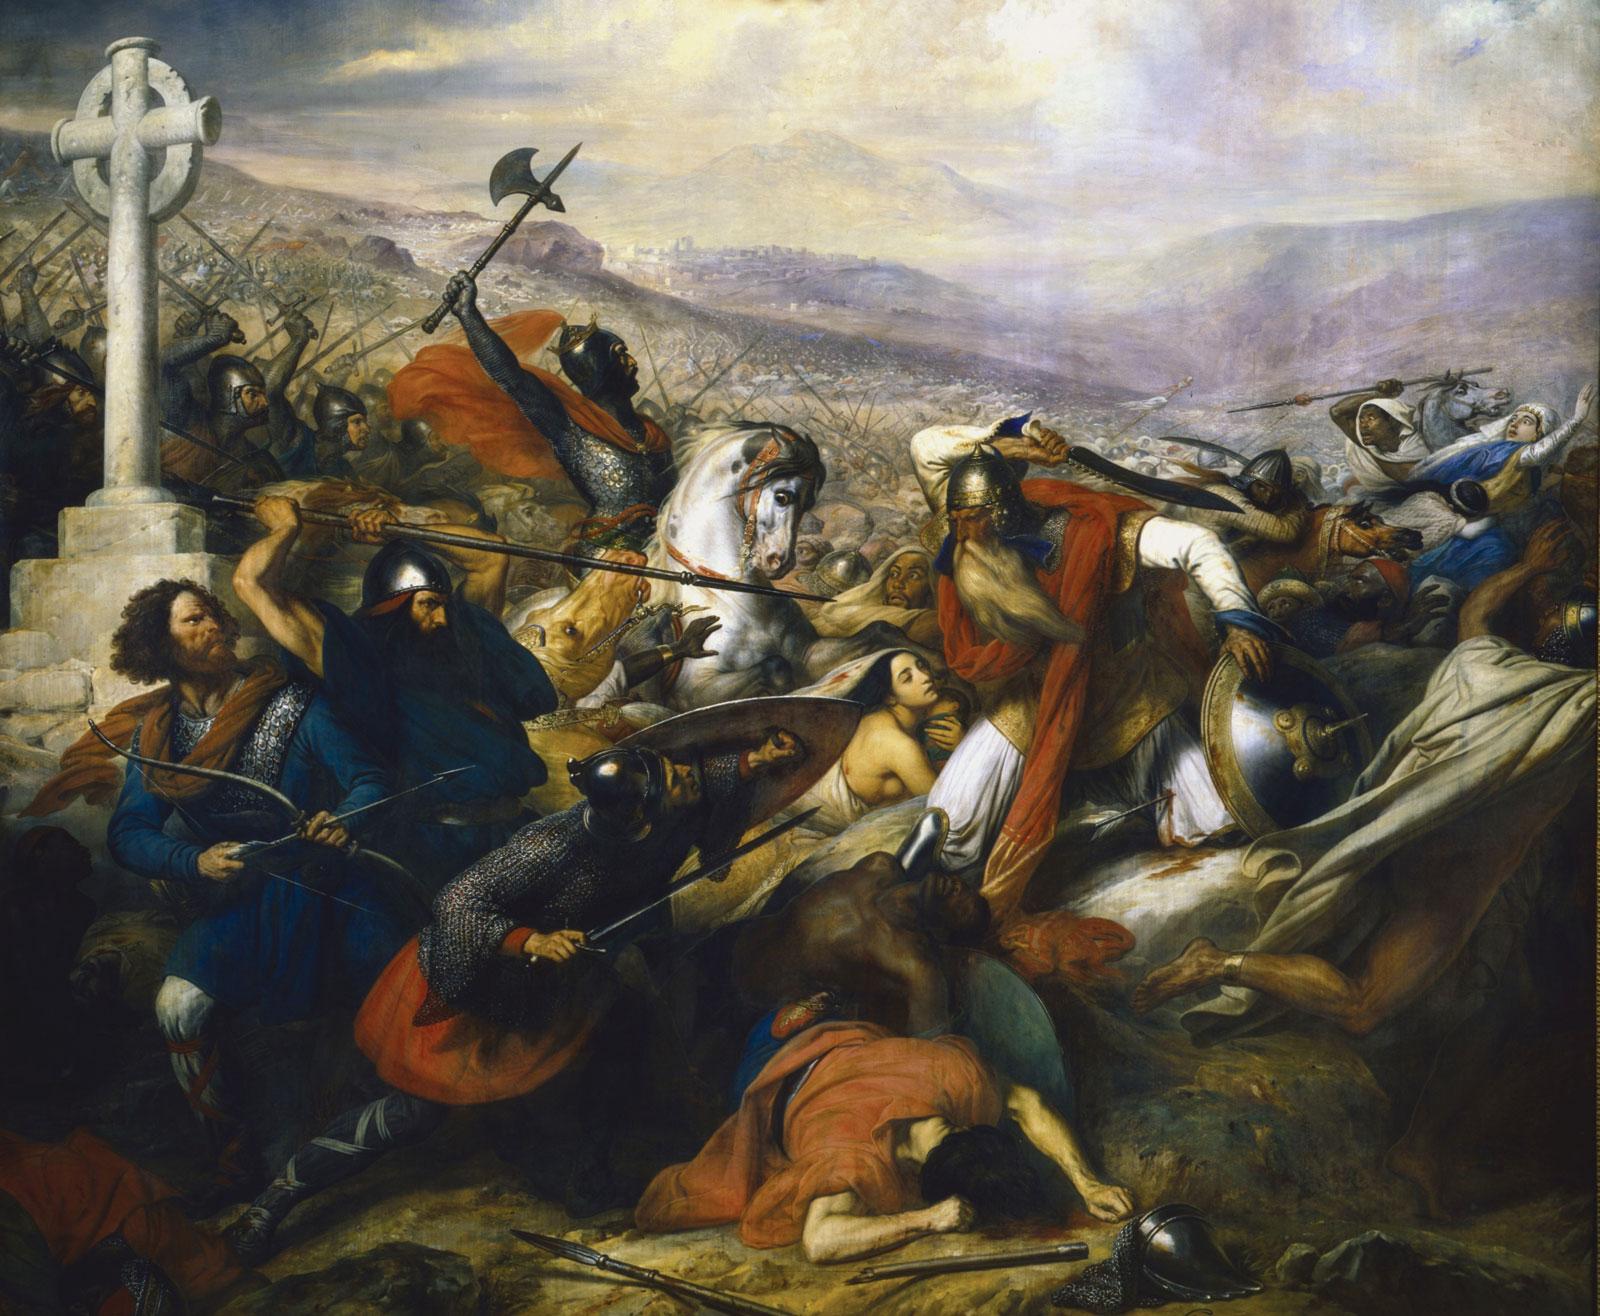 Ο Κάρολος Μαρτέλος στη μάχη του Πουατιέ. Charles Martelos in the Battle of Poitiers